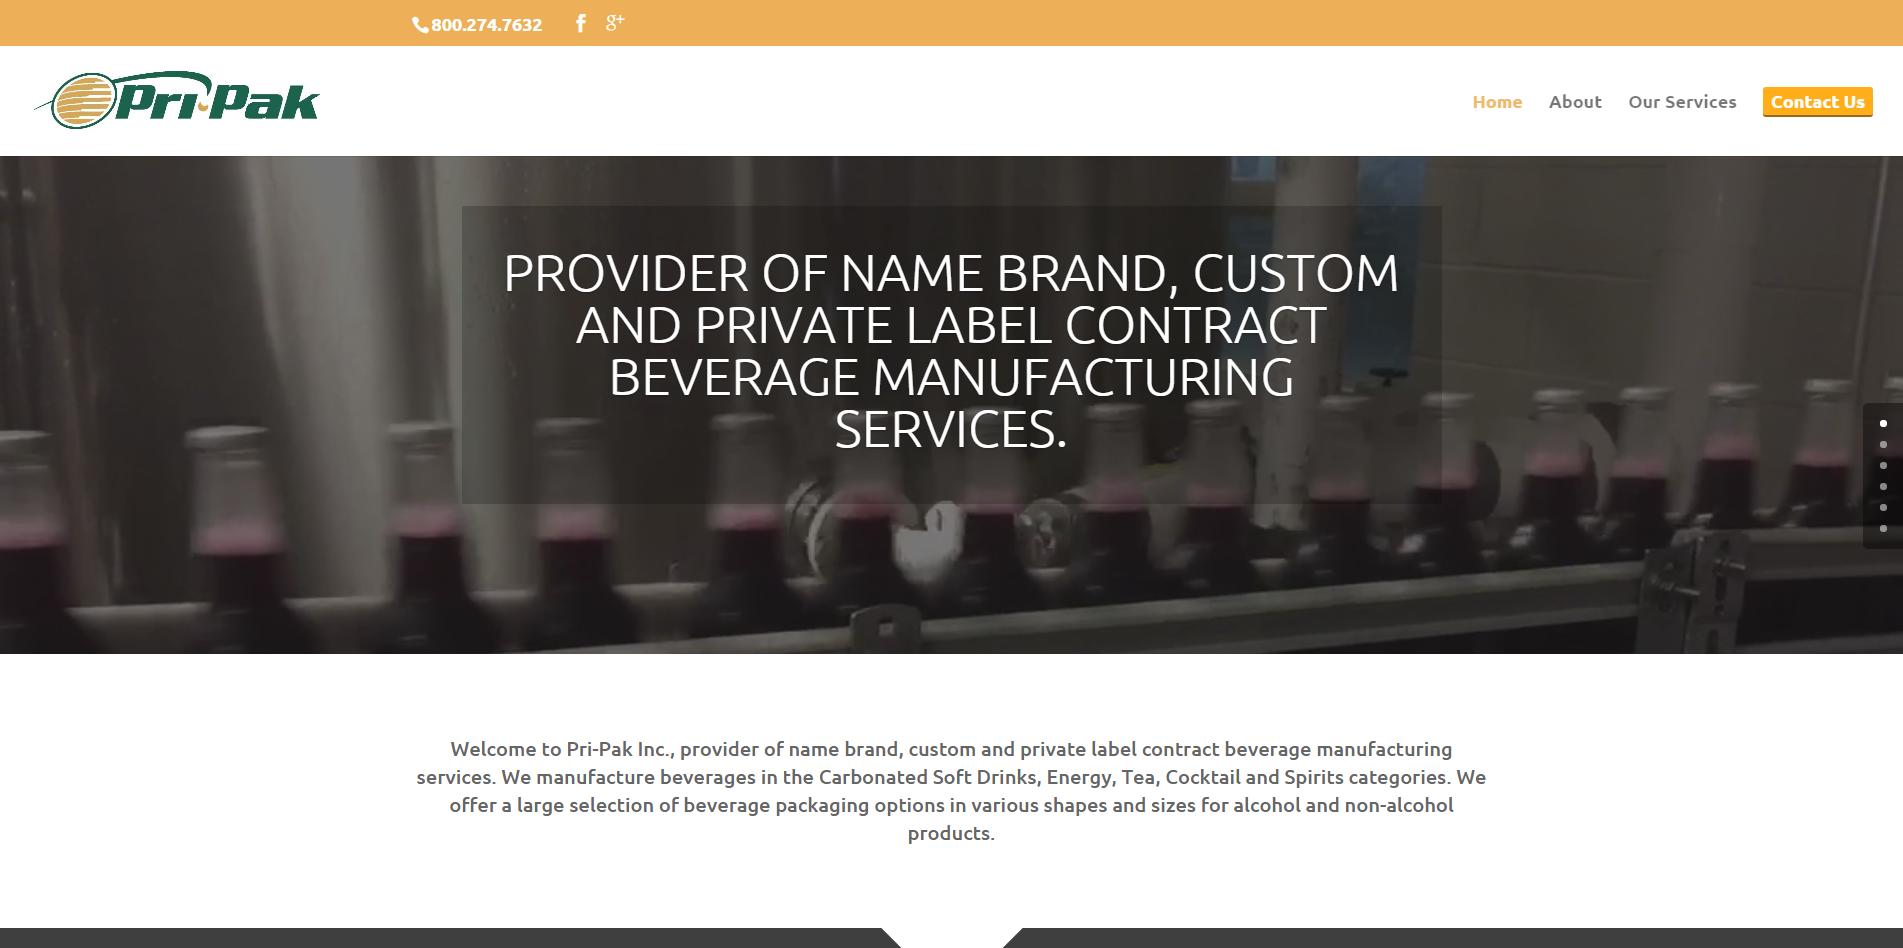 Pri-Pak, Inc. - private label contract beverage manufacturing services